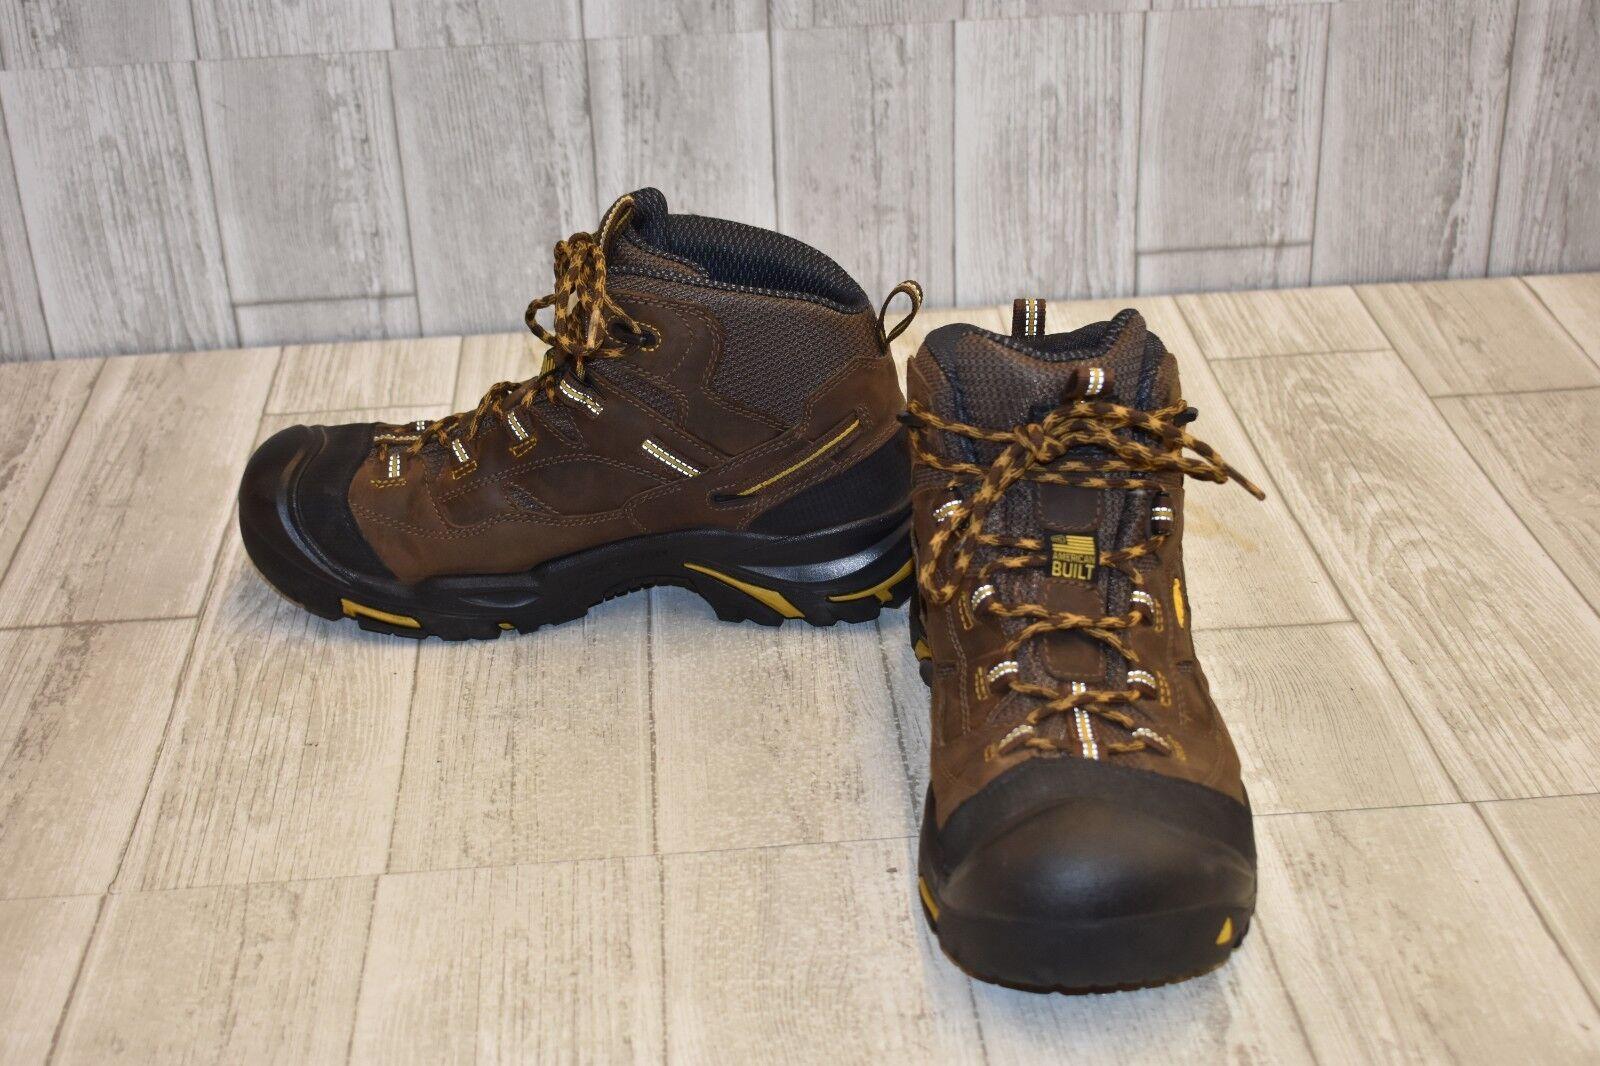 5154992c53c Keen Braddock Steel Toe Boot - Size 11D - Brown Waterproof Men's ...